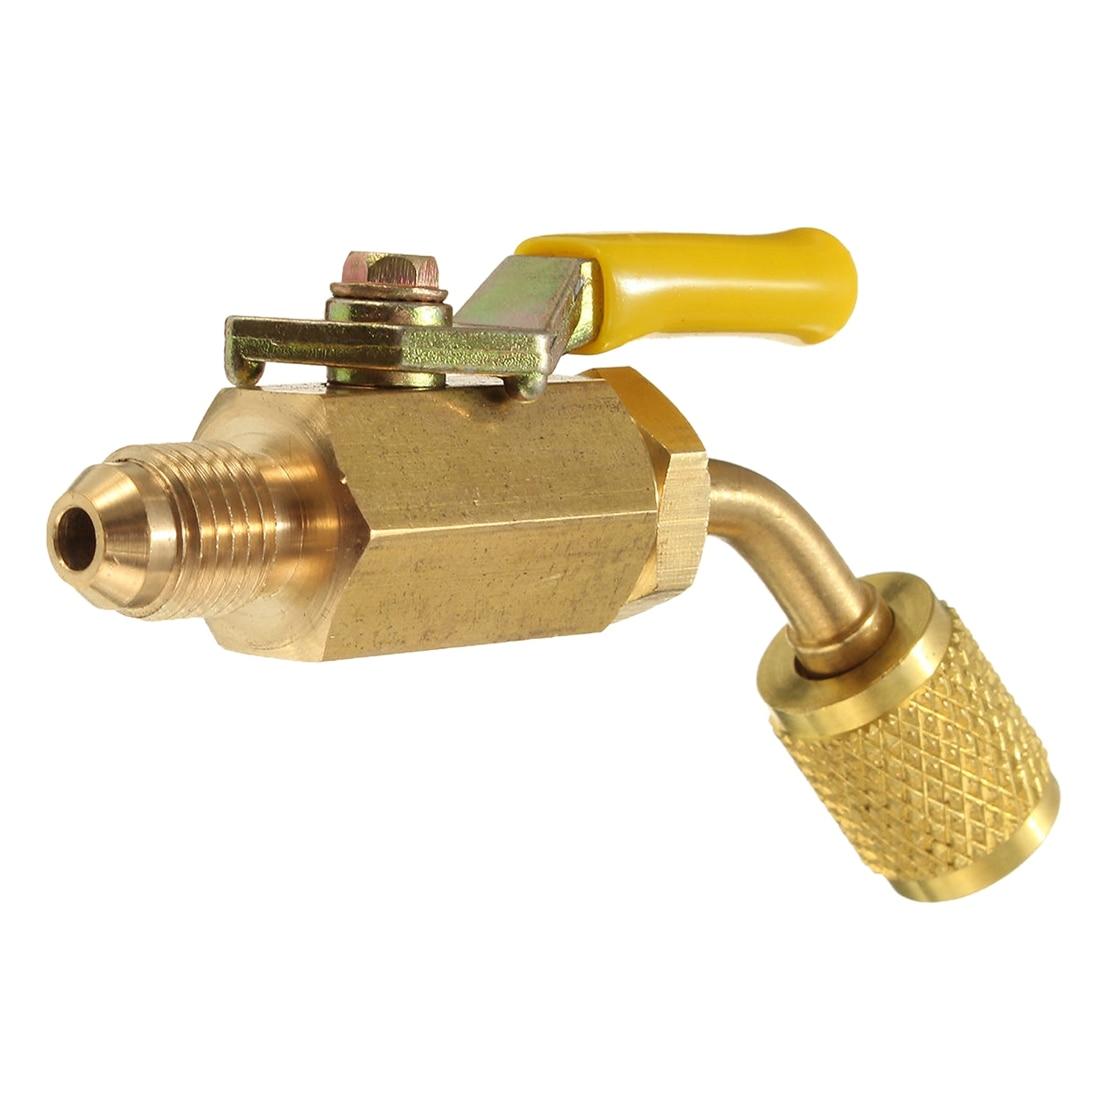 Sanitär R410a R134a Messing Geschlossen Ventil Für A/c Lade Schläuche Hvac 1/4 Zoll Ac Kältemittel GläNzend